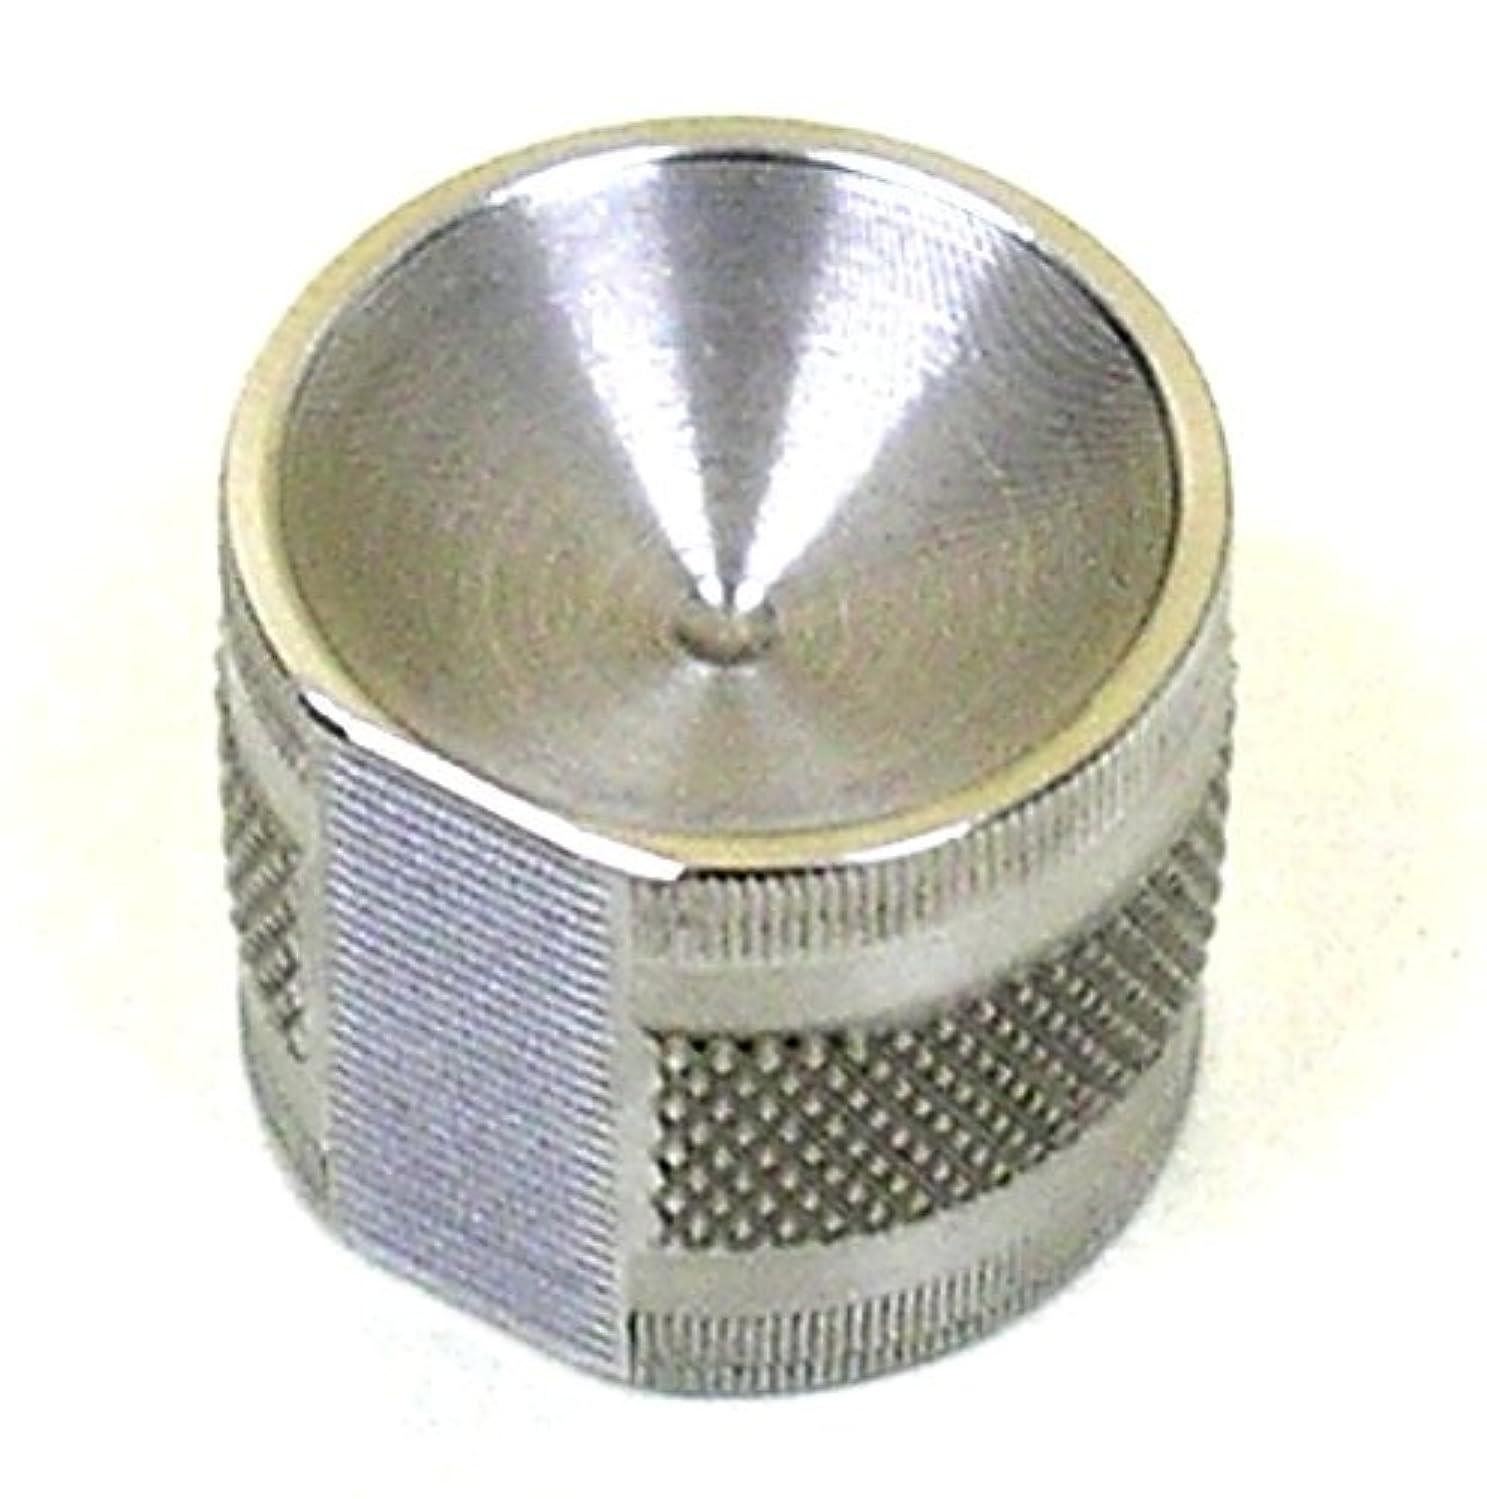 排出生じる砲撃コロコロとげーる ネイルお手入れ用 ステンレス製 すり鉢型 万能爪やすり (ラメなし)